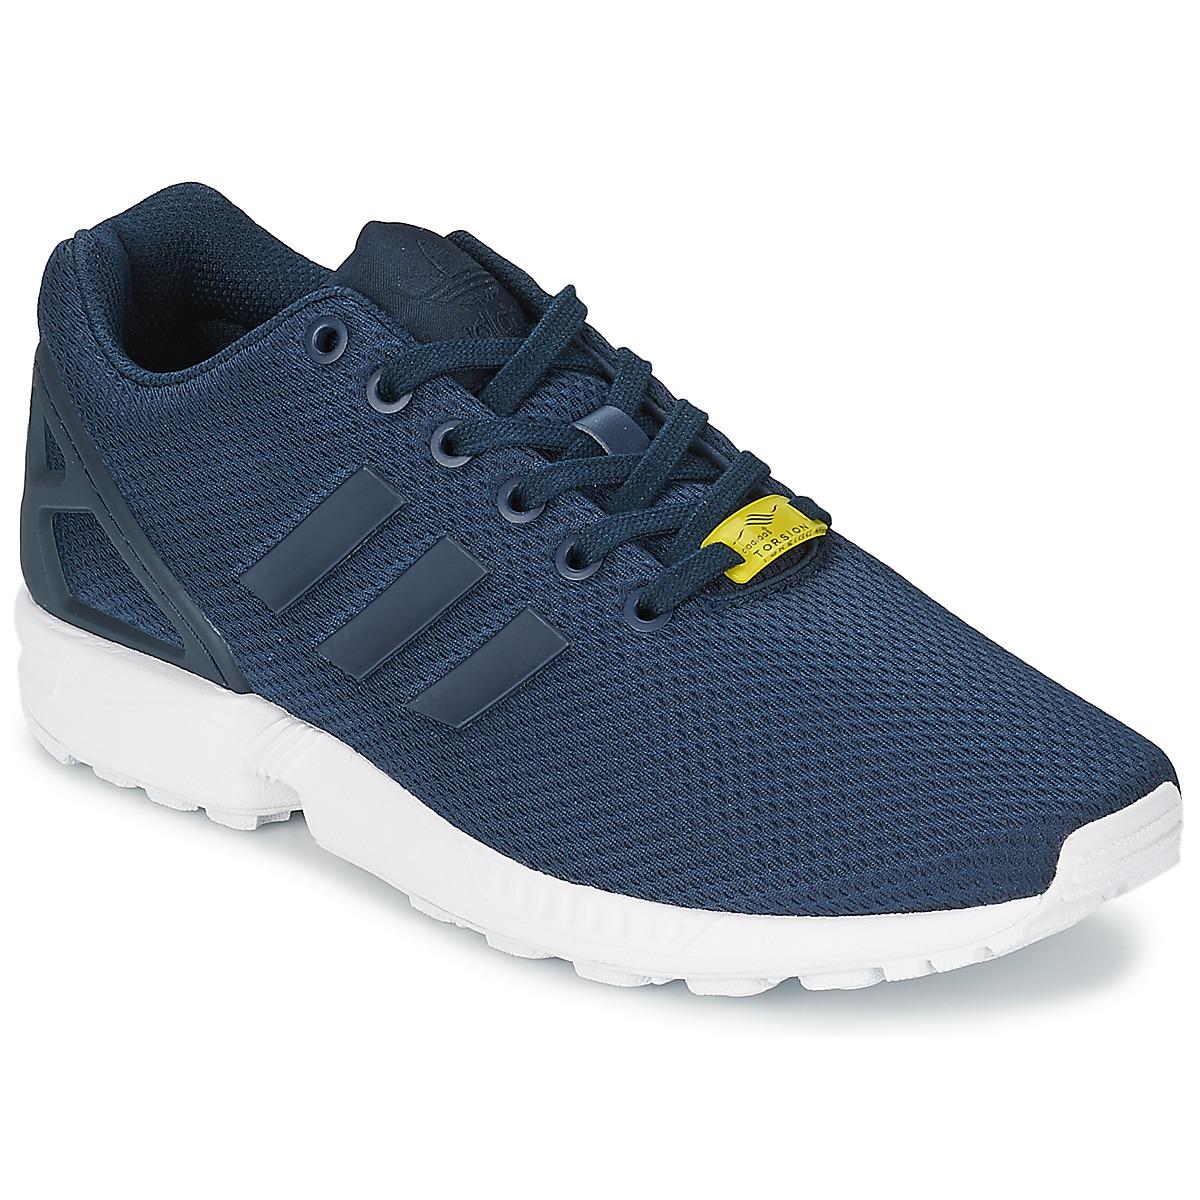 Adidas Schoudertassen : Adidas originals zx flux blauw wit gratis levering bij